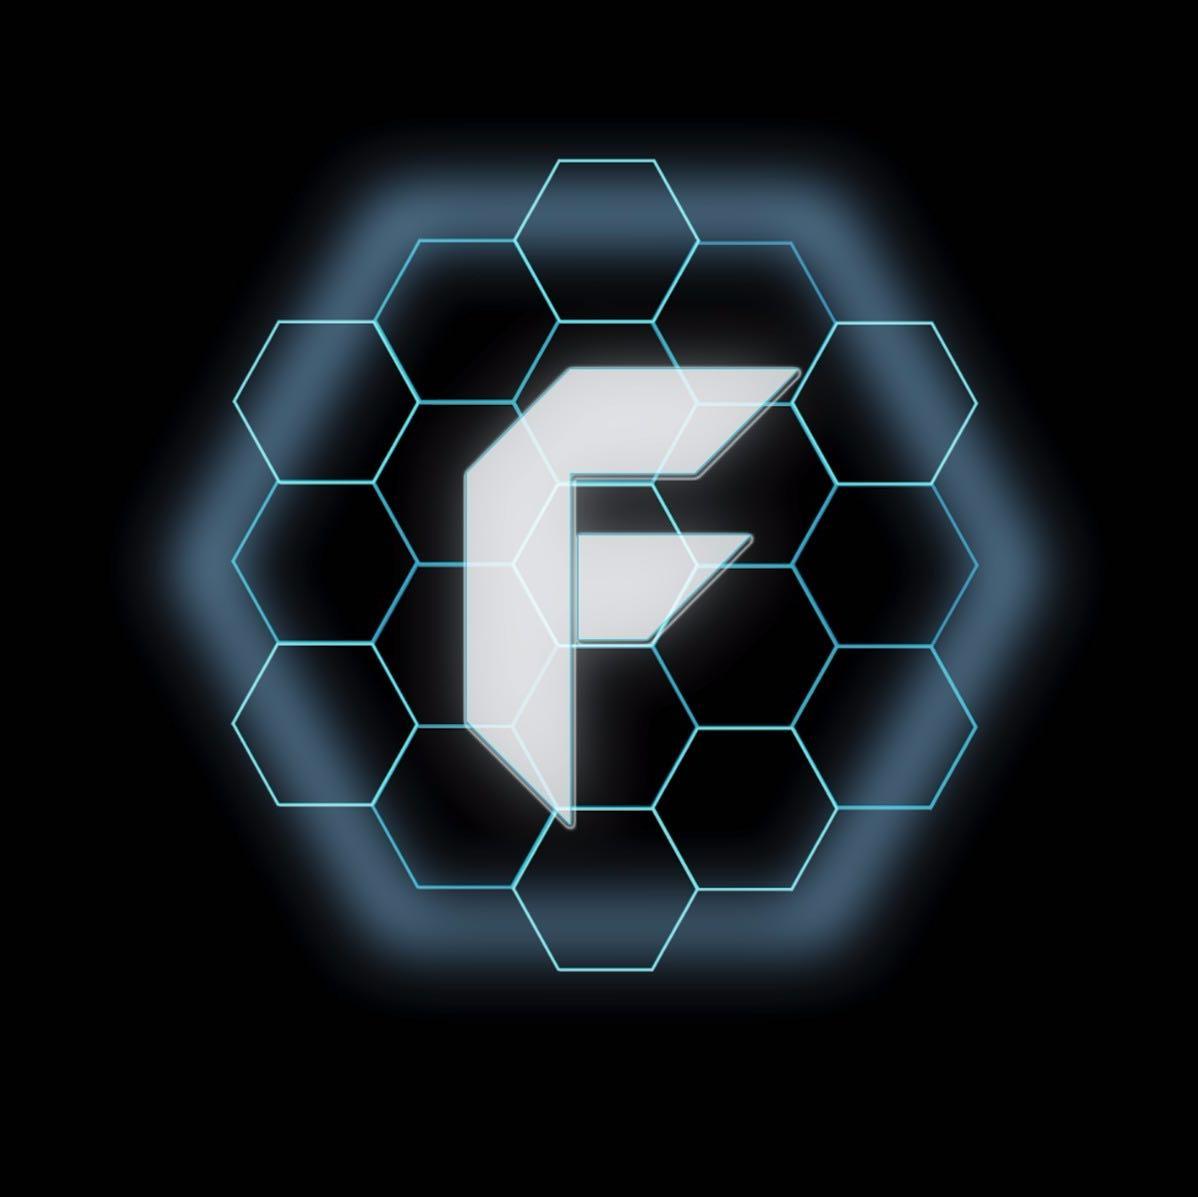 finaleffectspc